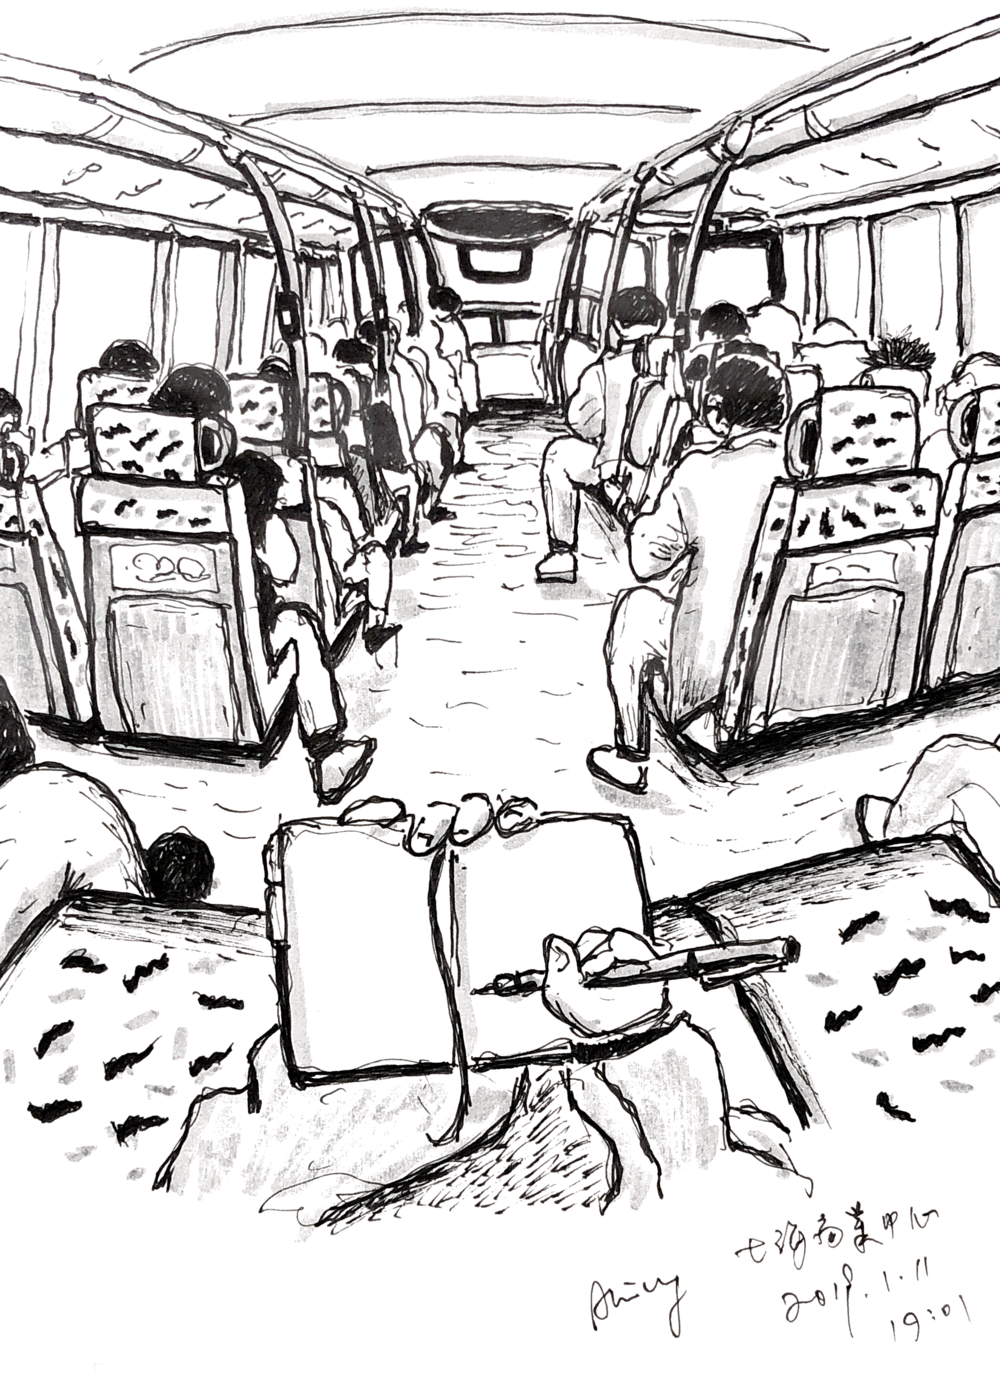 在巴士上畫畫,其實沒想像中困難,困難是我們的想像多於事實而已。